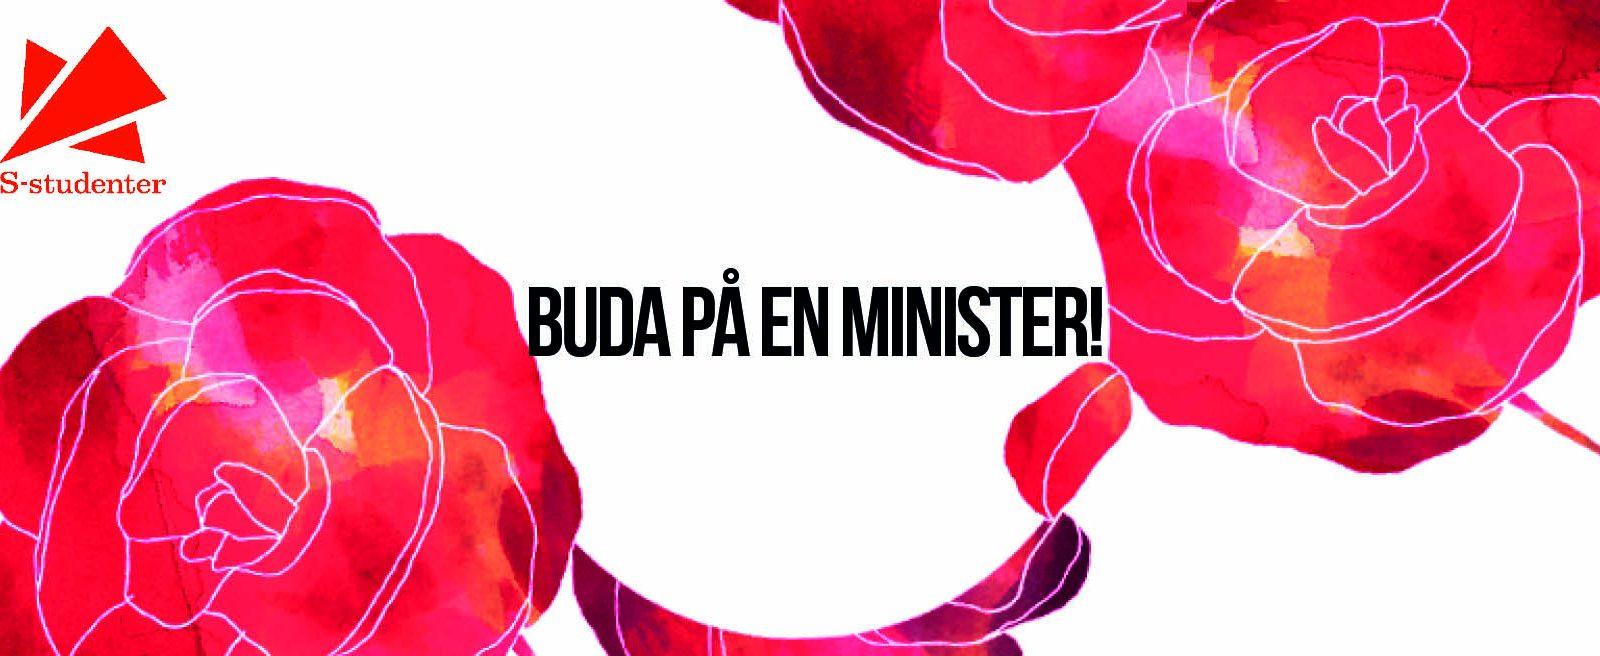 Buda på en minister!